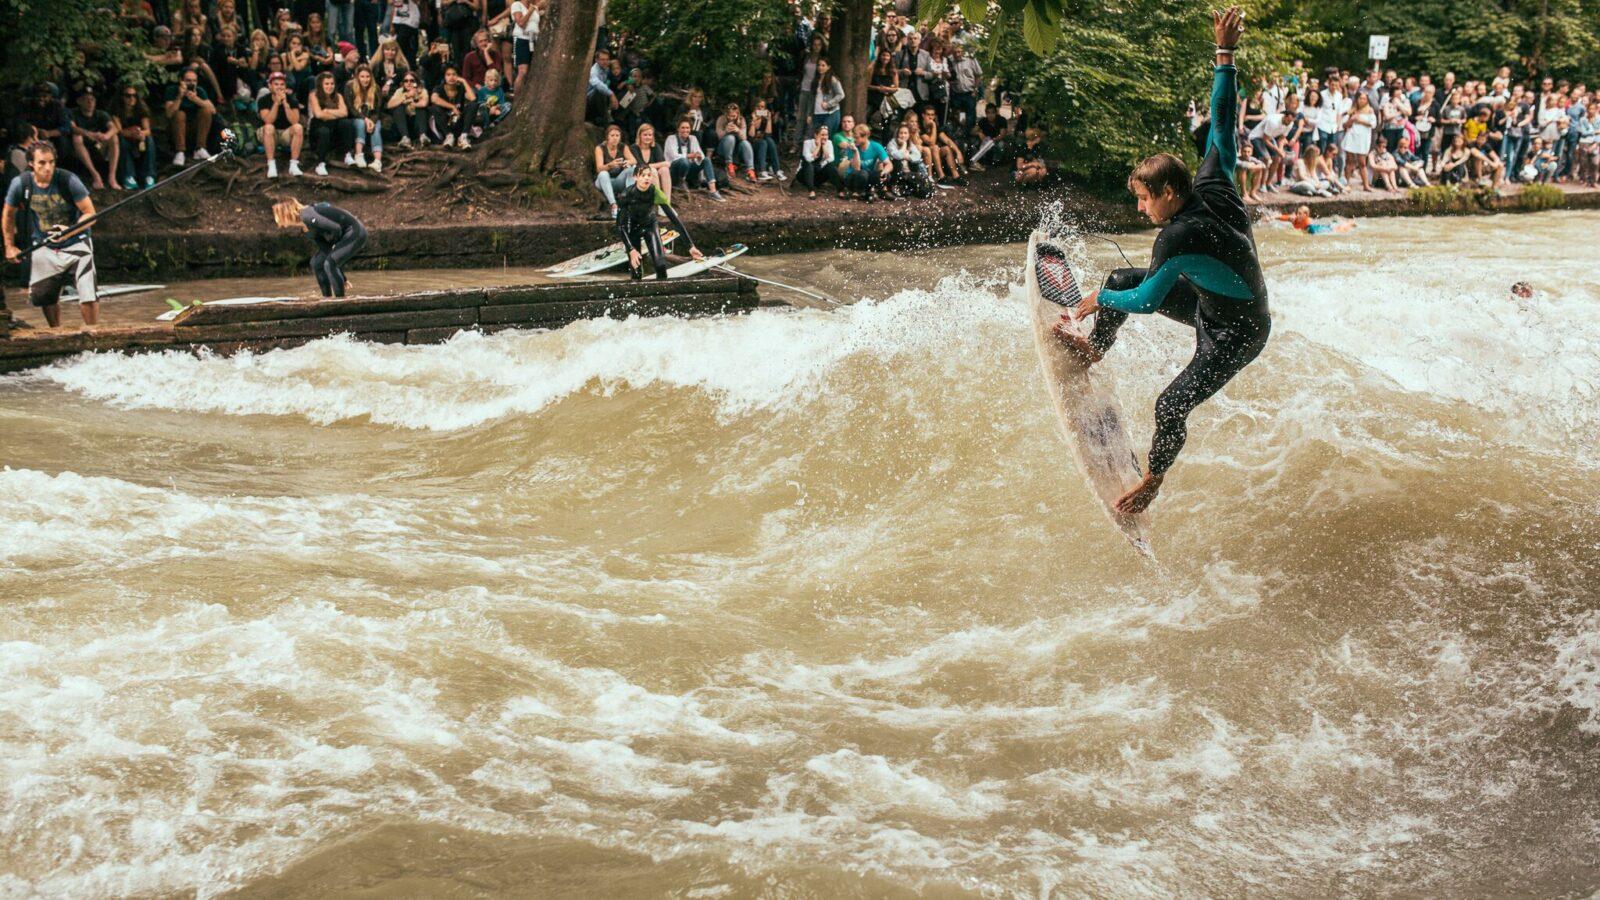 Surf & Skate Festival